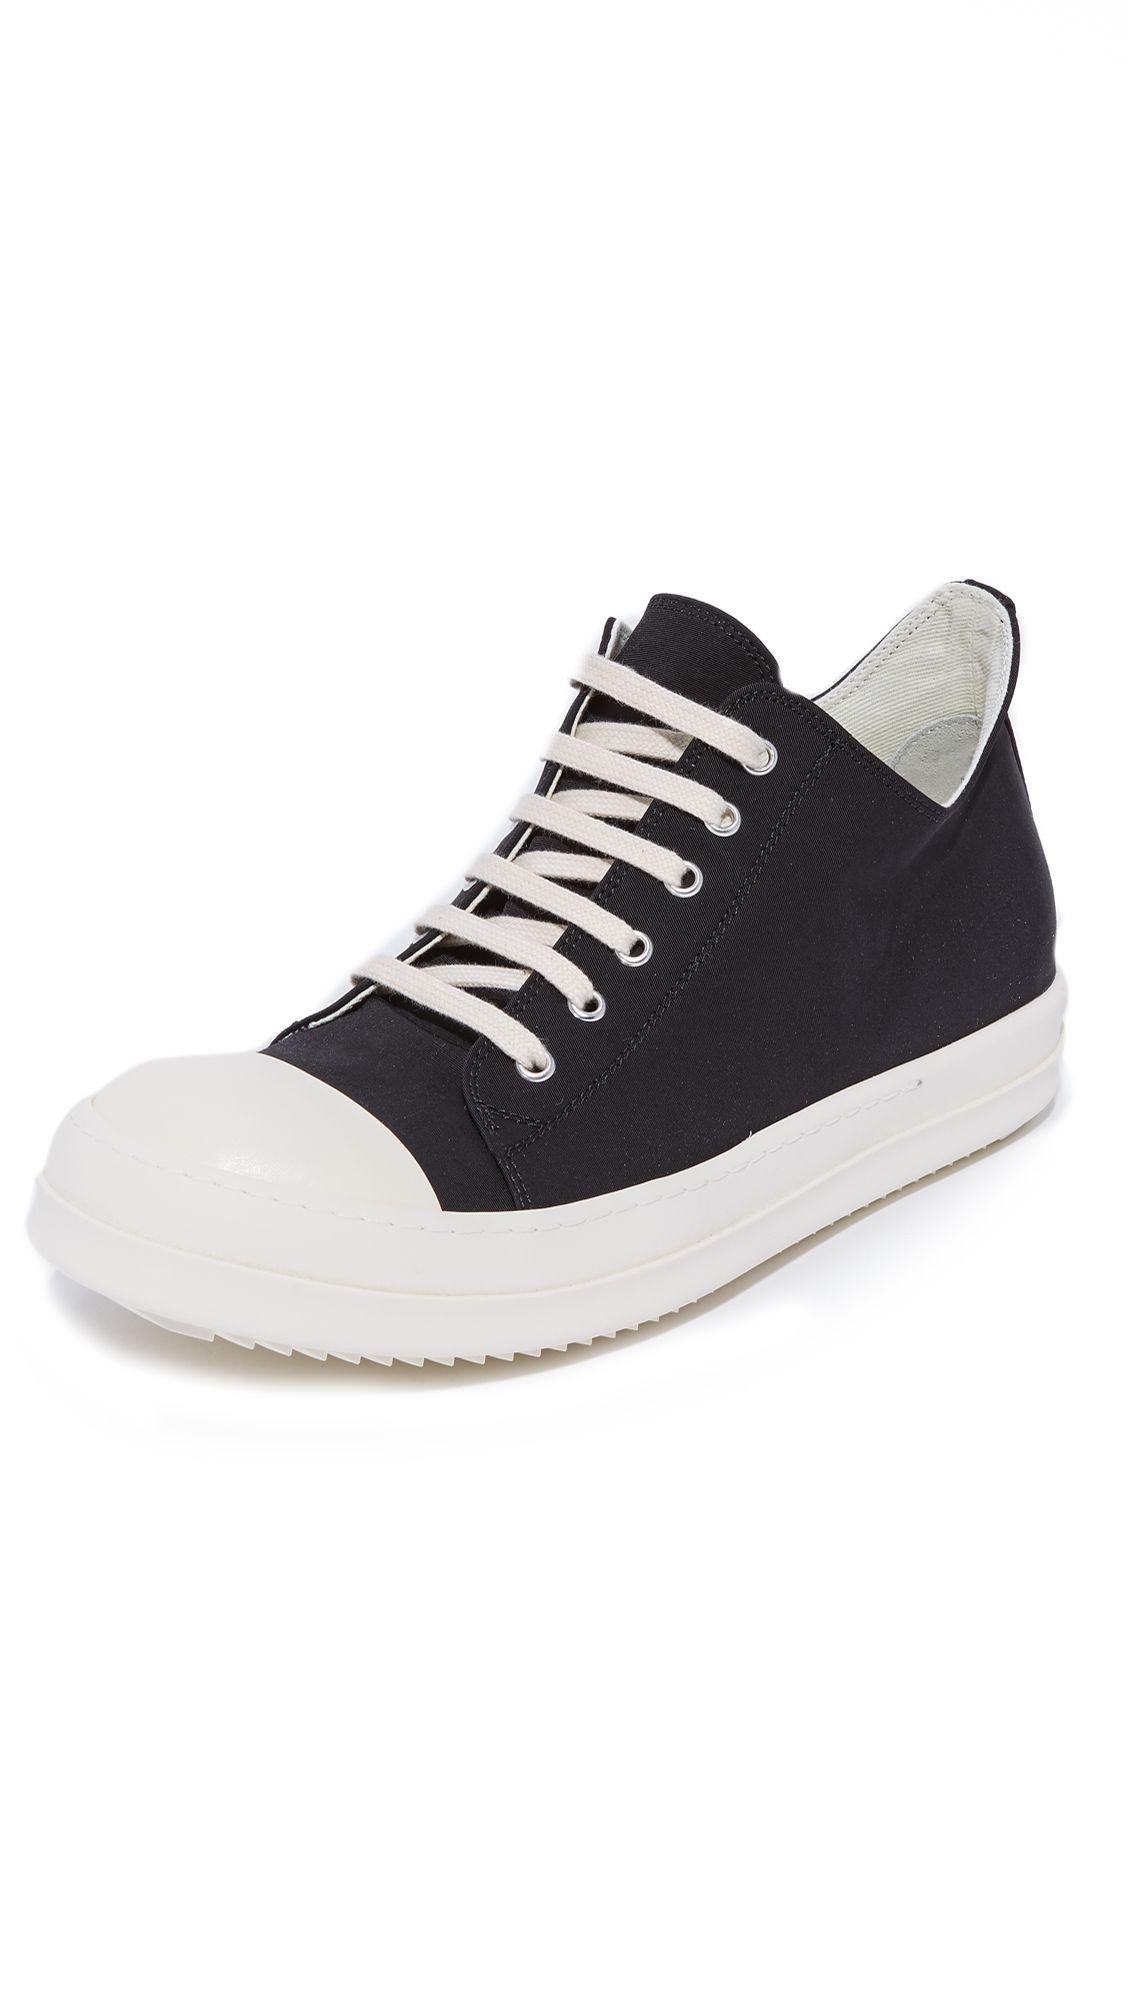 RICK OWENS DRKSHDW Low Top Sneakers.  rickowensdrkshdw  shoes  sneakers 2064aa8f5c